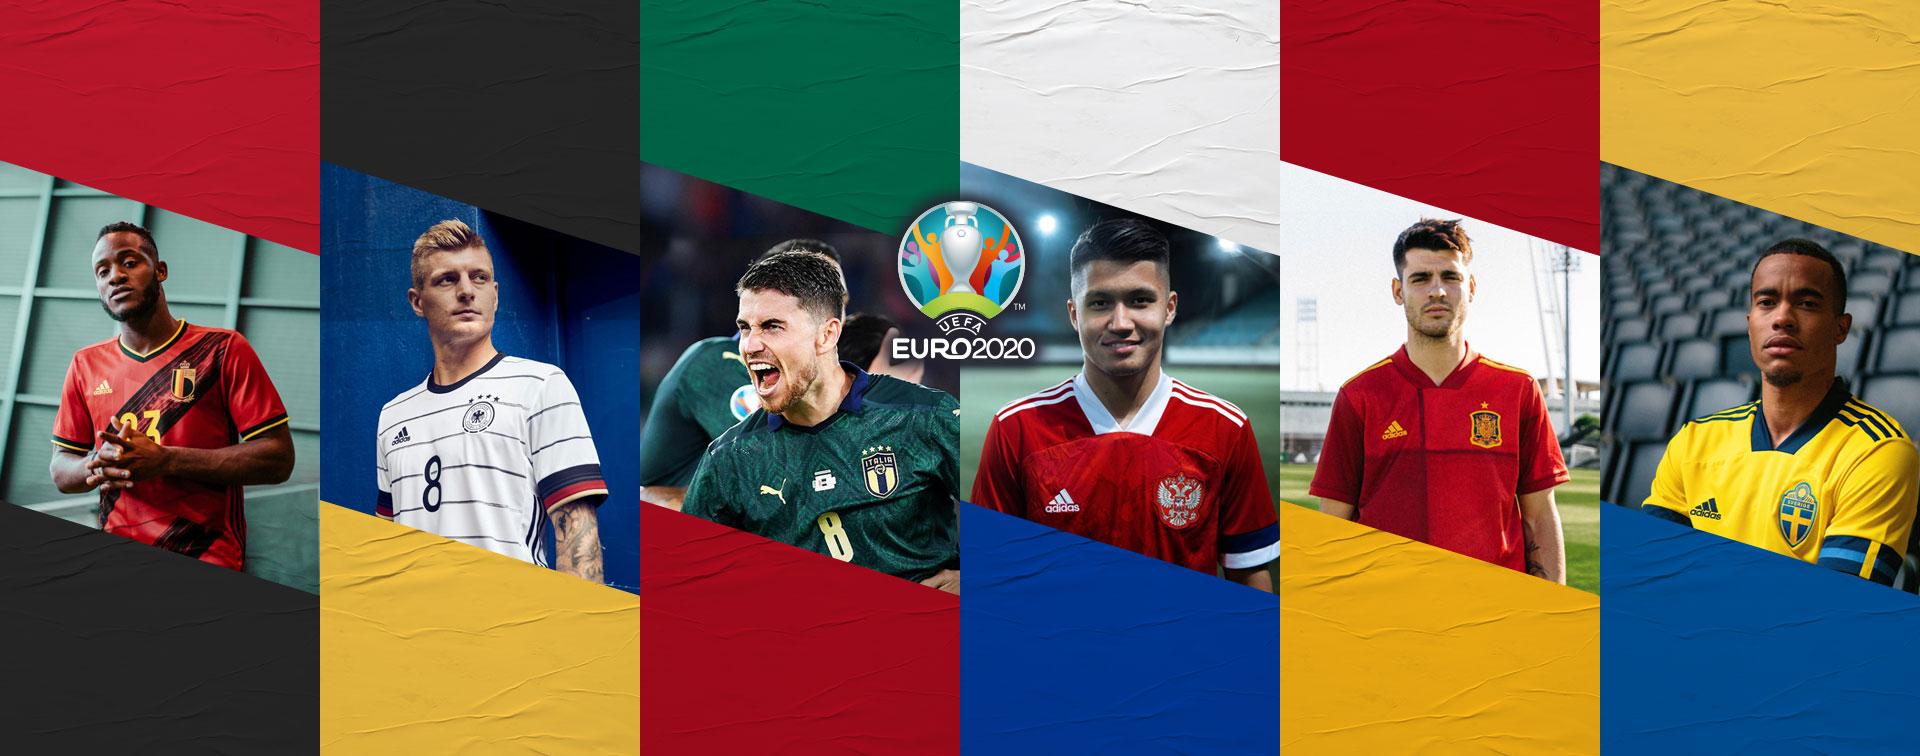 Les nouveaux maillots de l'Euro 2020 sont là !